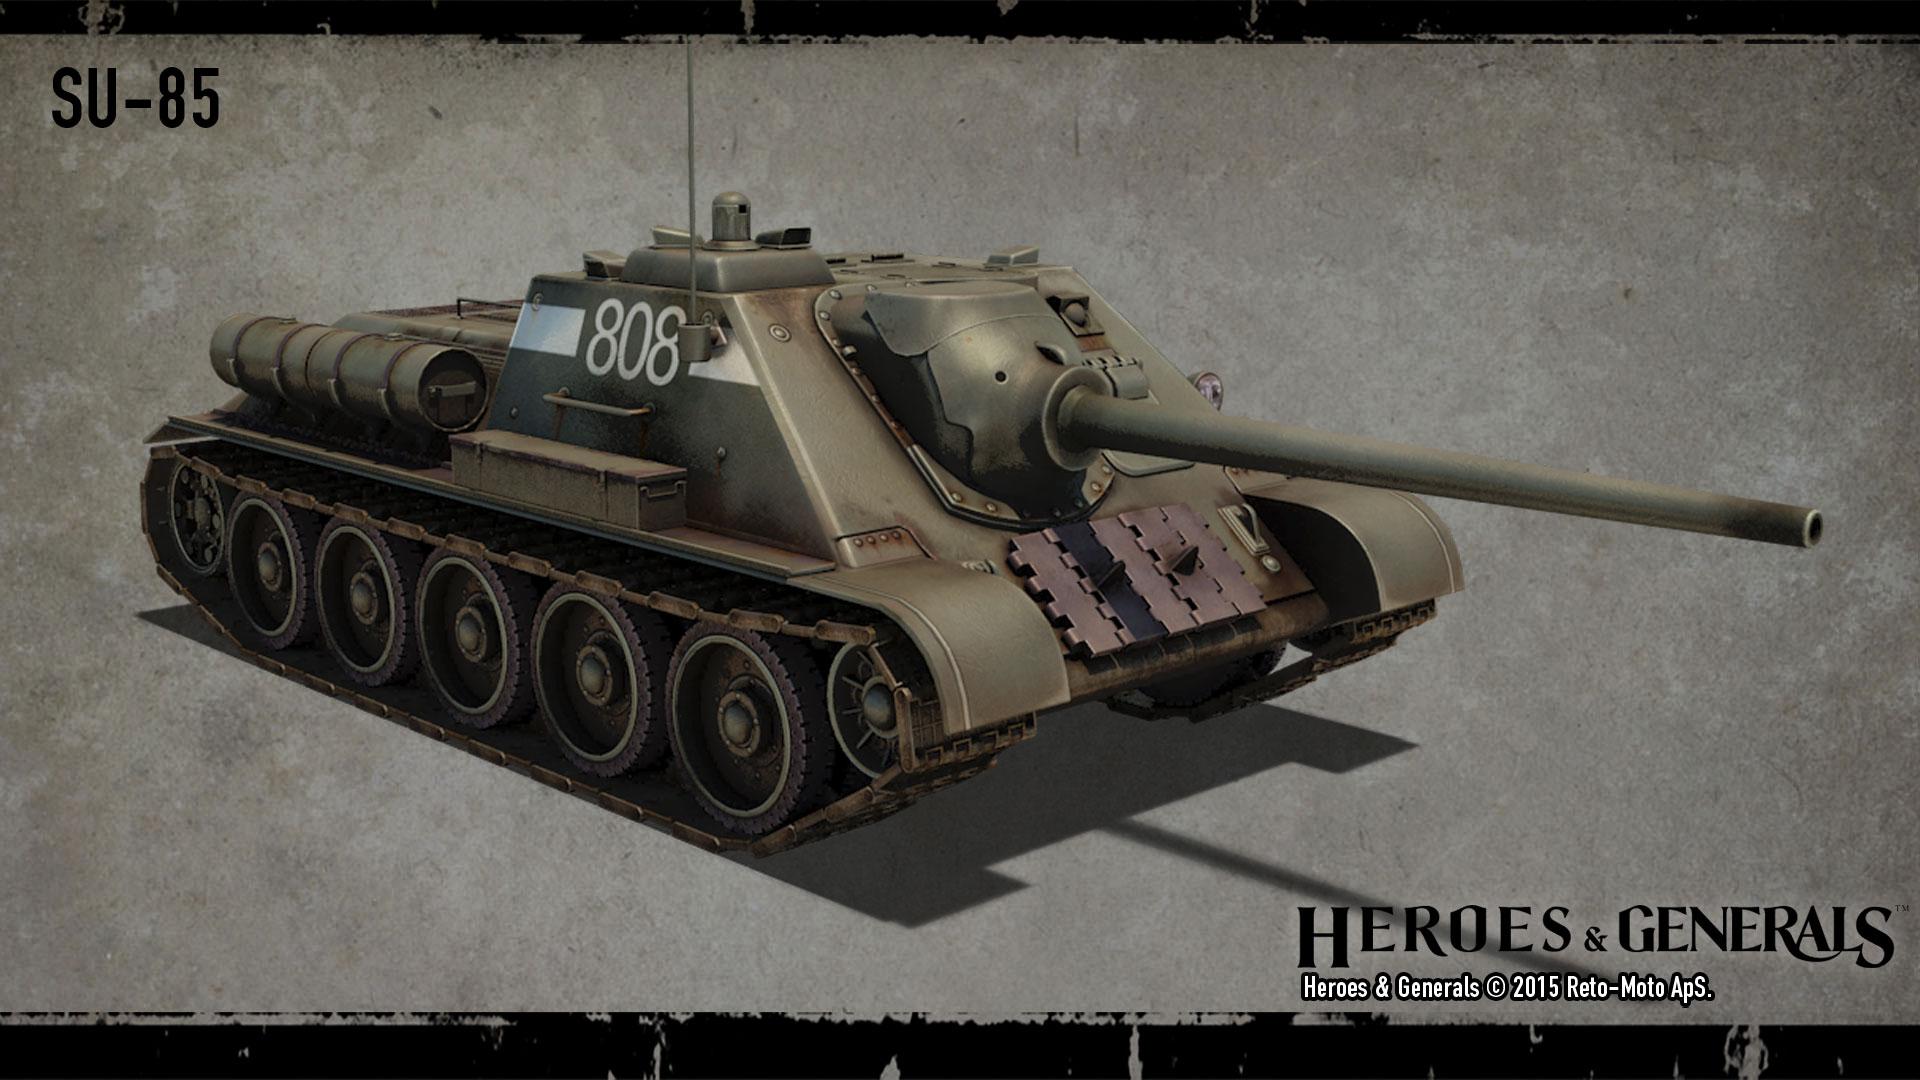 Heroes and Generals: Samokhodnaya - 272.4KB